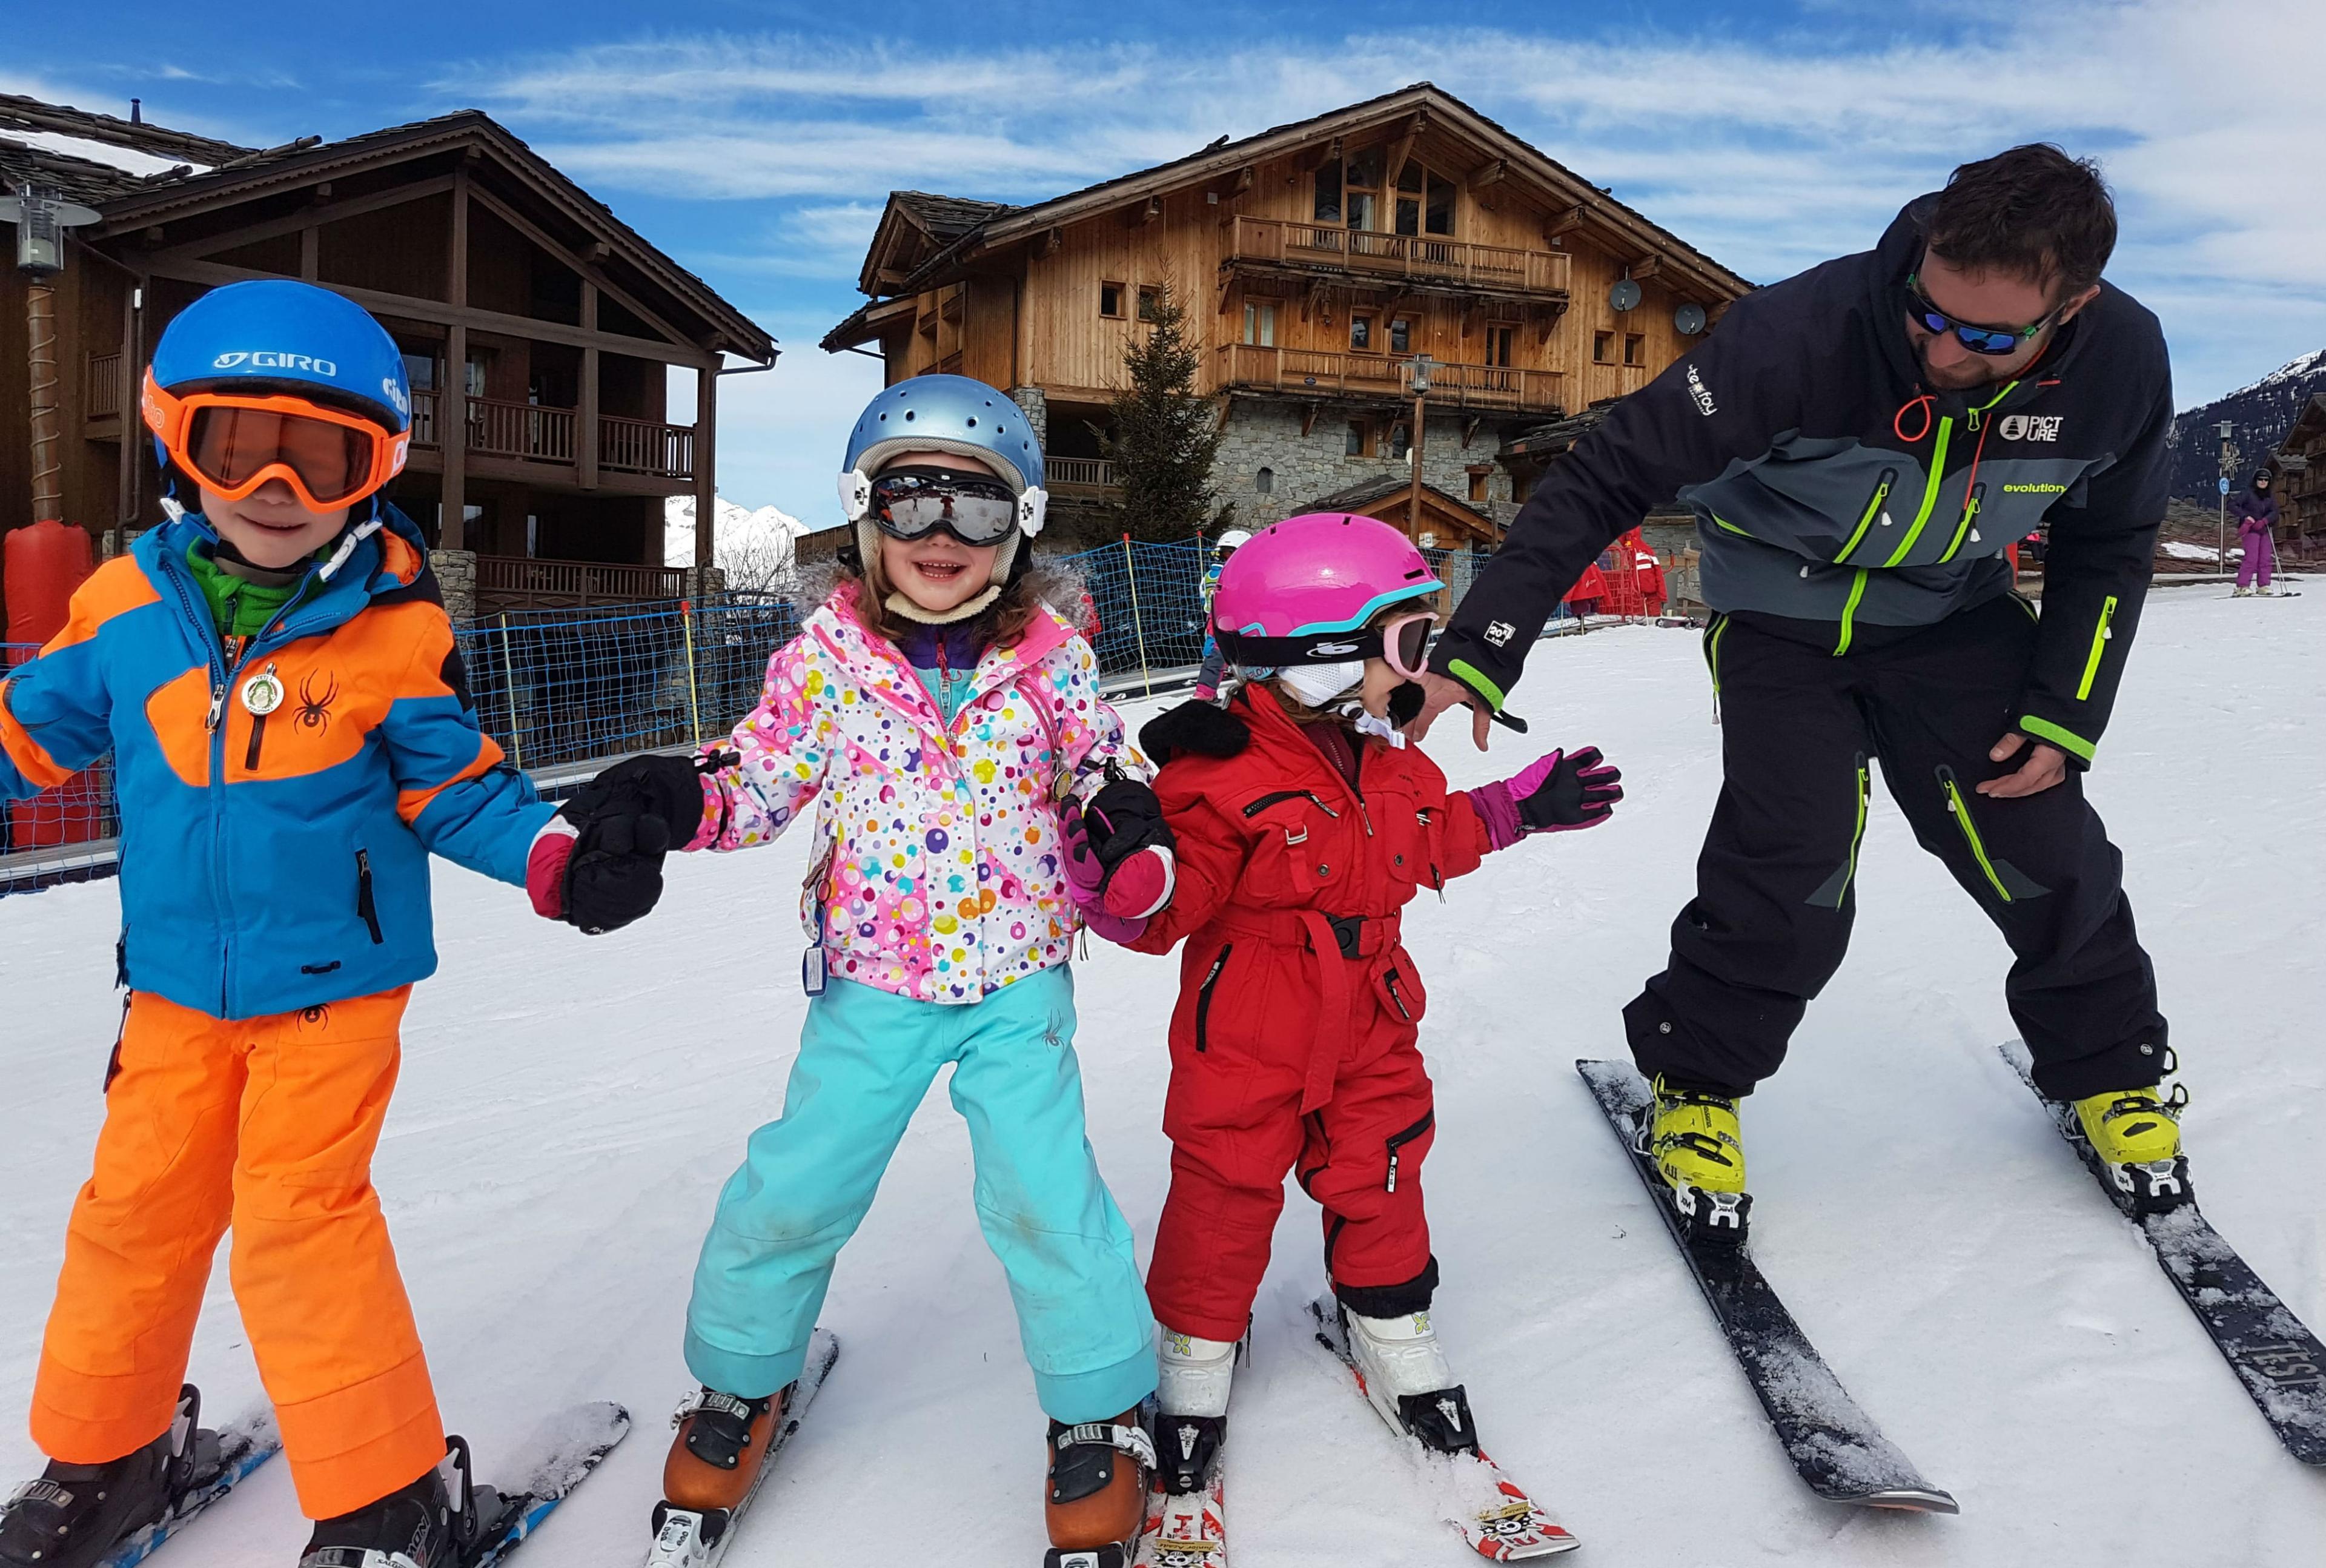 Skilessen voor kinderen vanaf 5 jaar - beginners